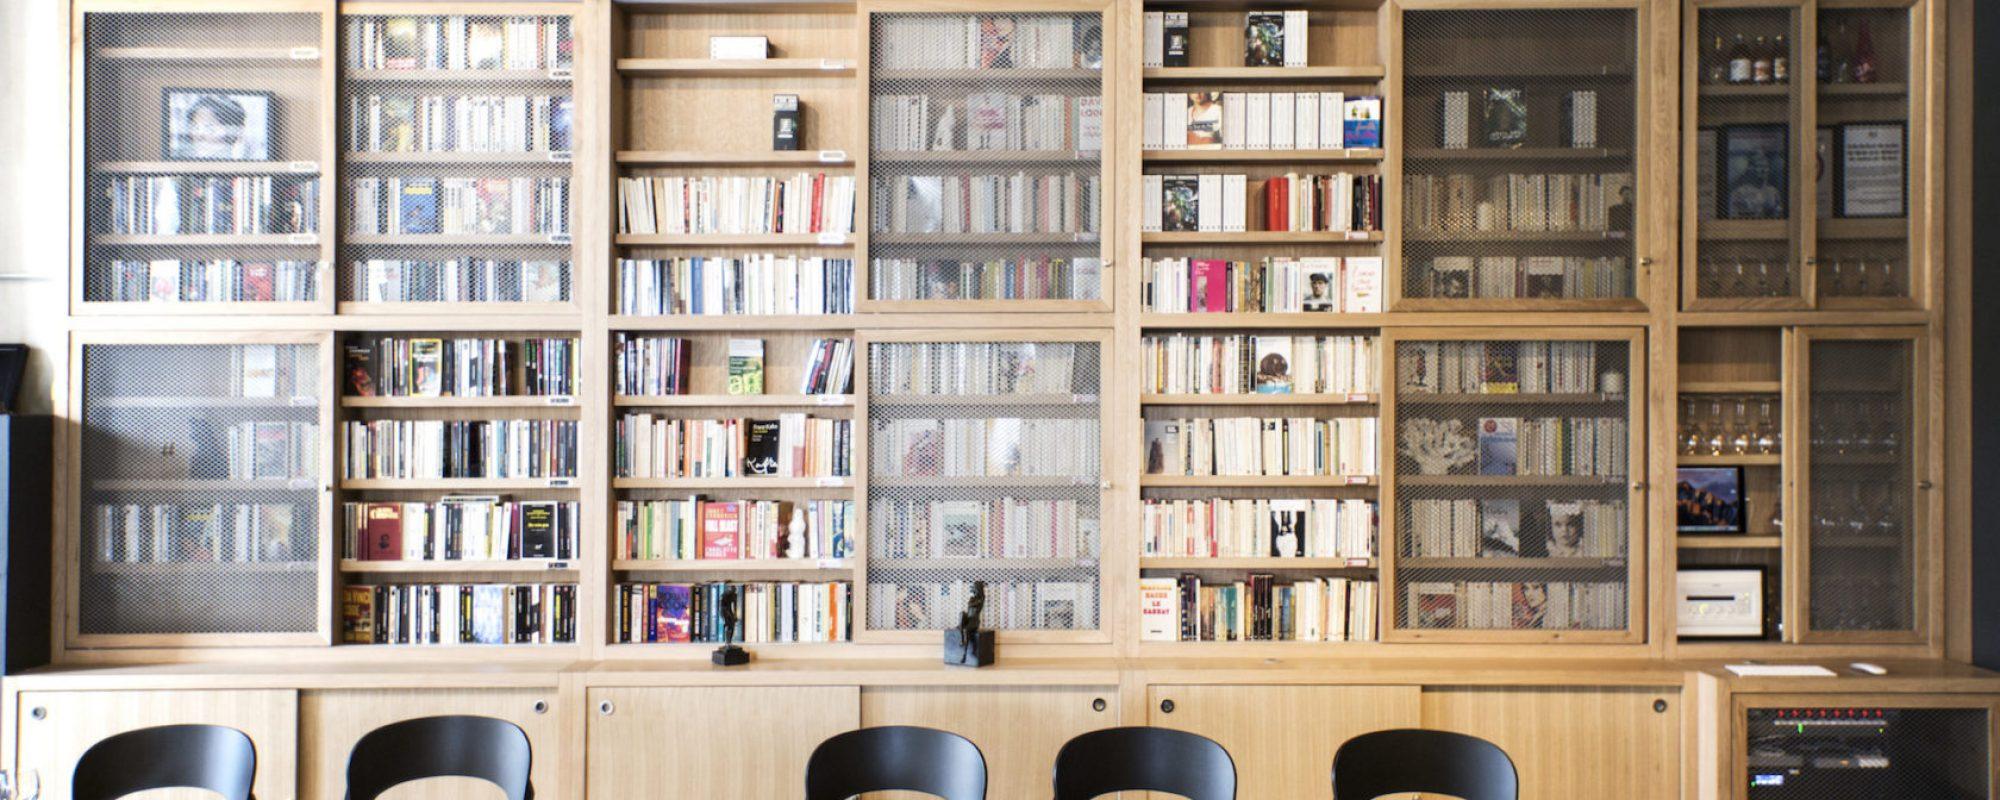 la bibliothèque du restaurant mob hotel lyon